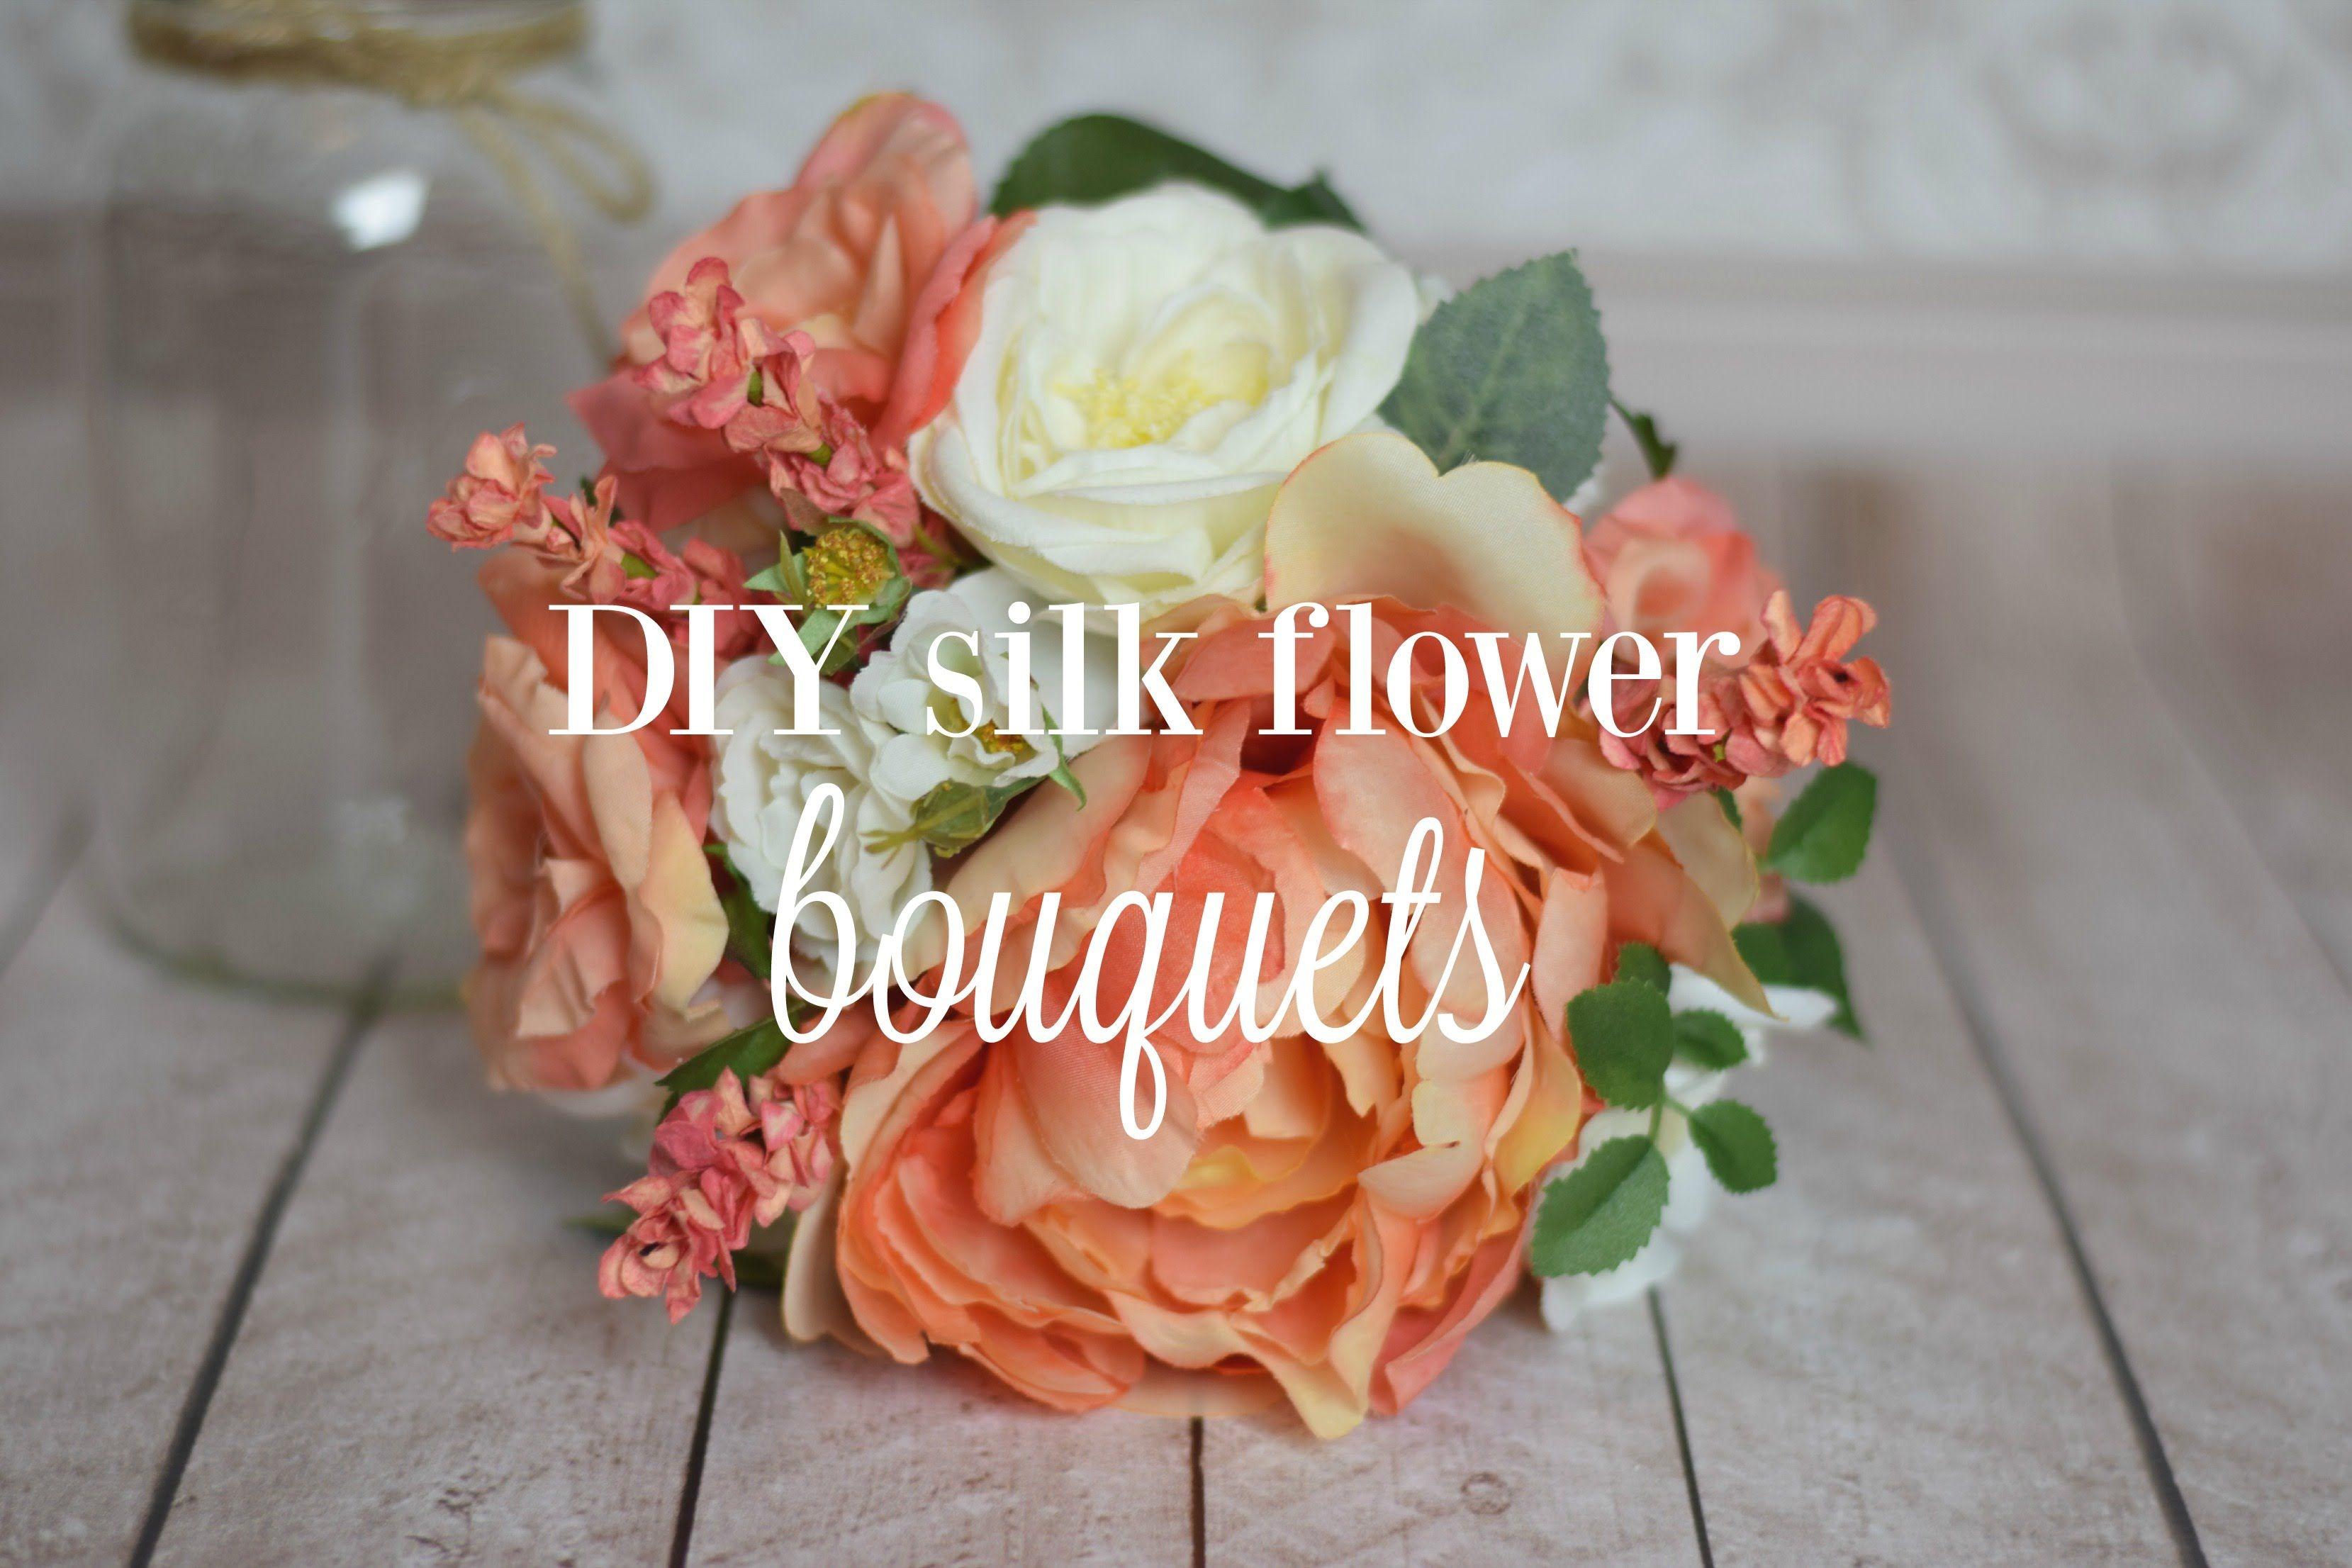 Diy silk flower bouquets wedding bouquet pinterest silk diy silk flower bouquets mightylinksfo